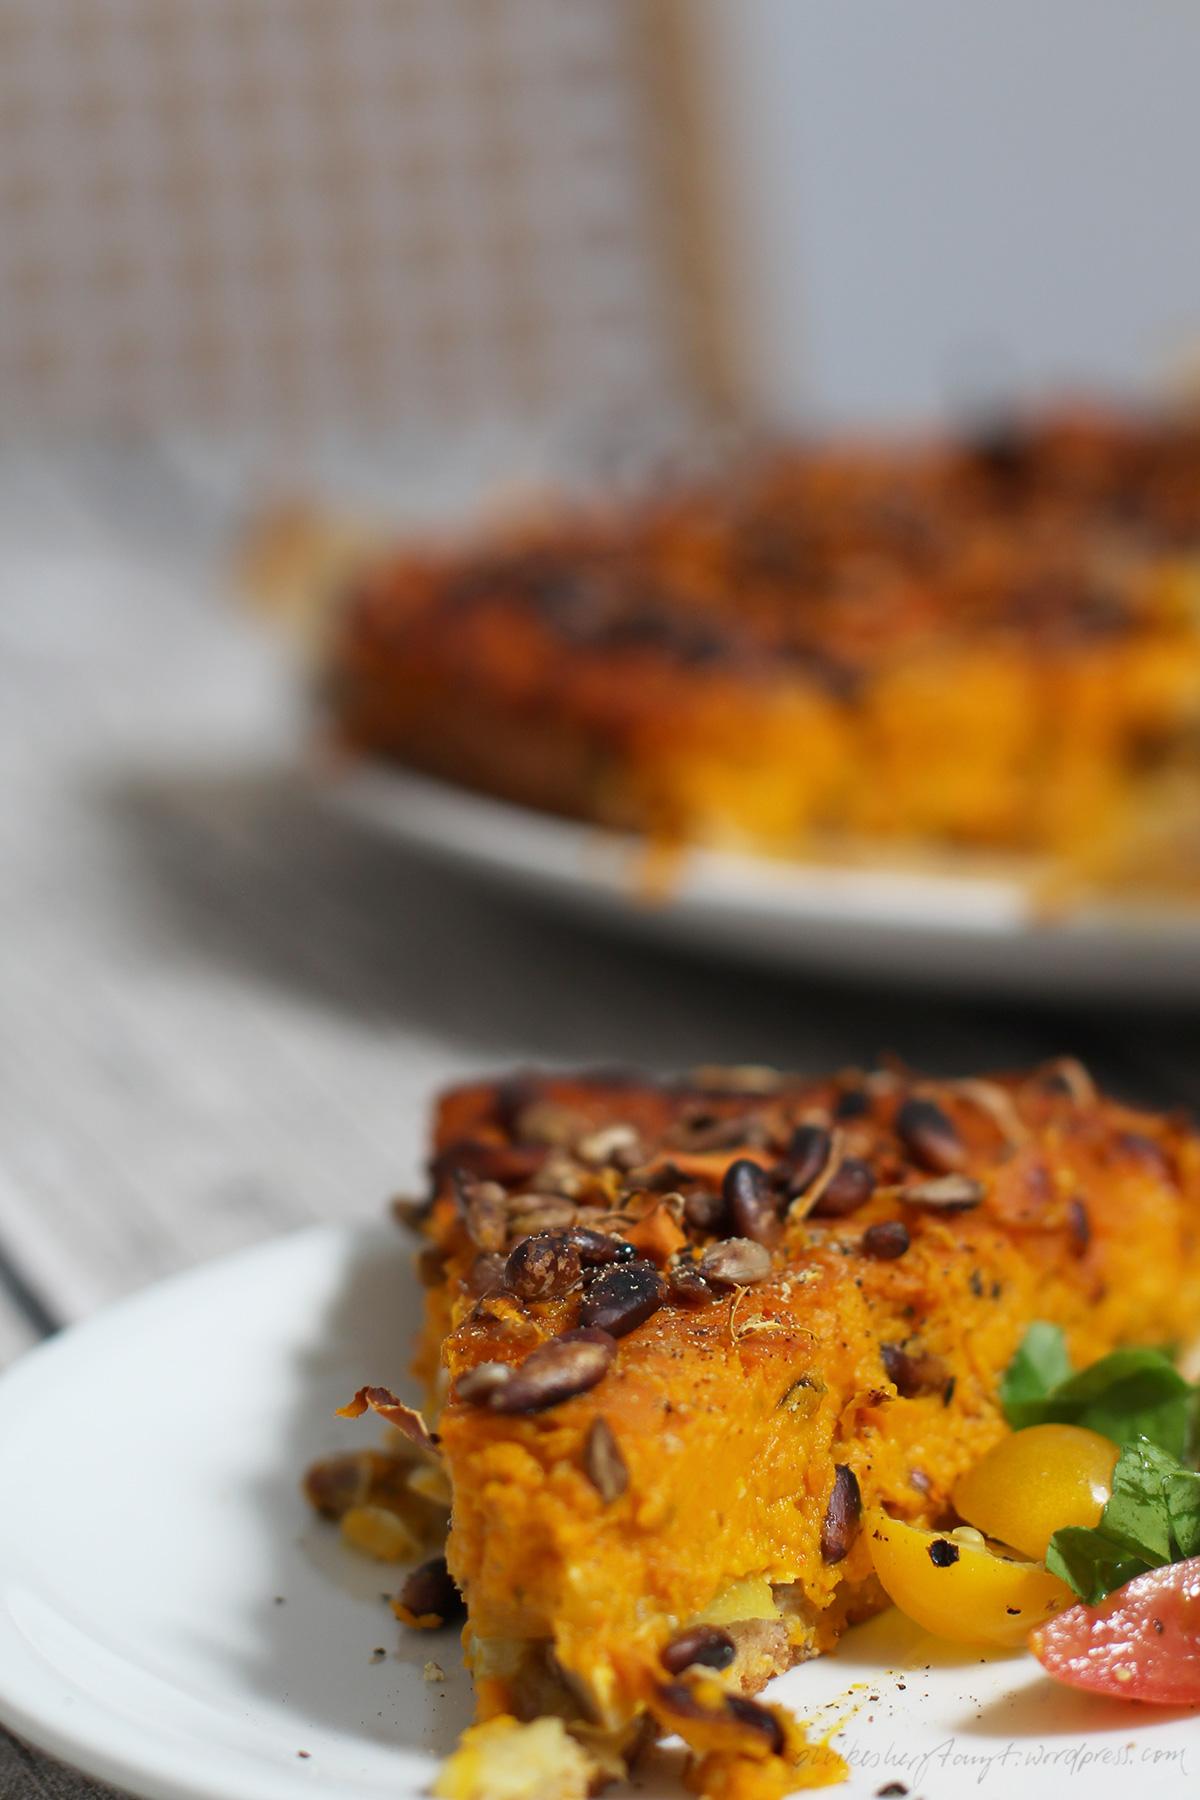 zucchini-kürbis-quiche, vegan, #halloherbst14, nikesherztanzt